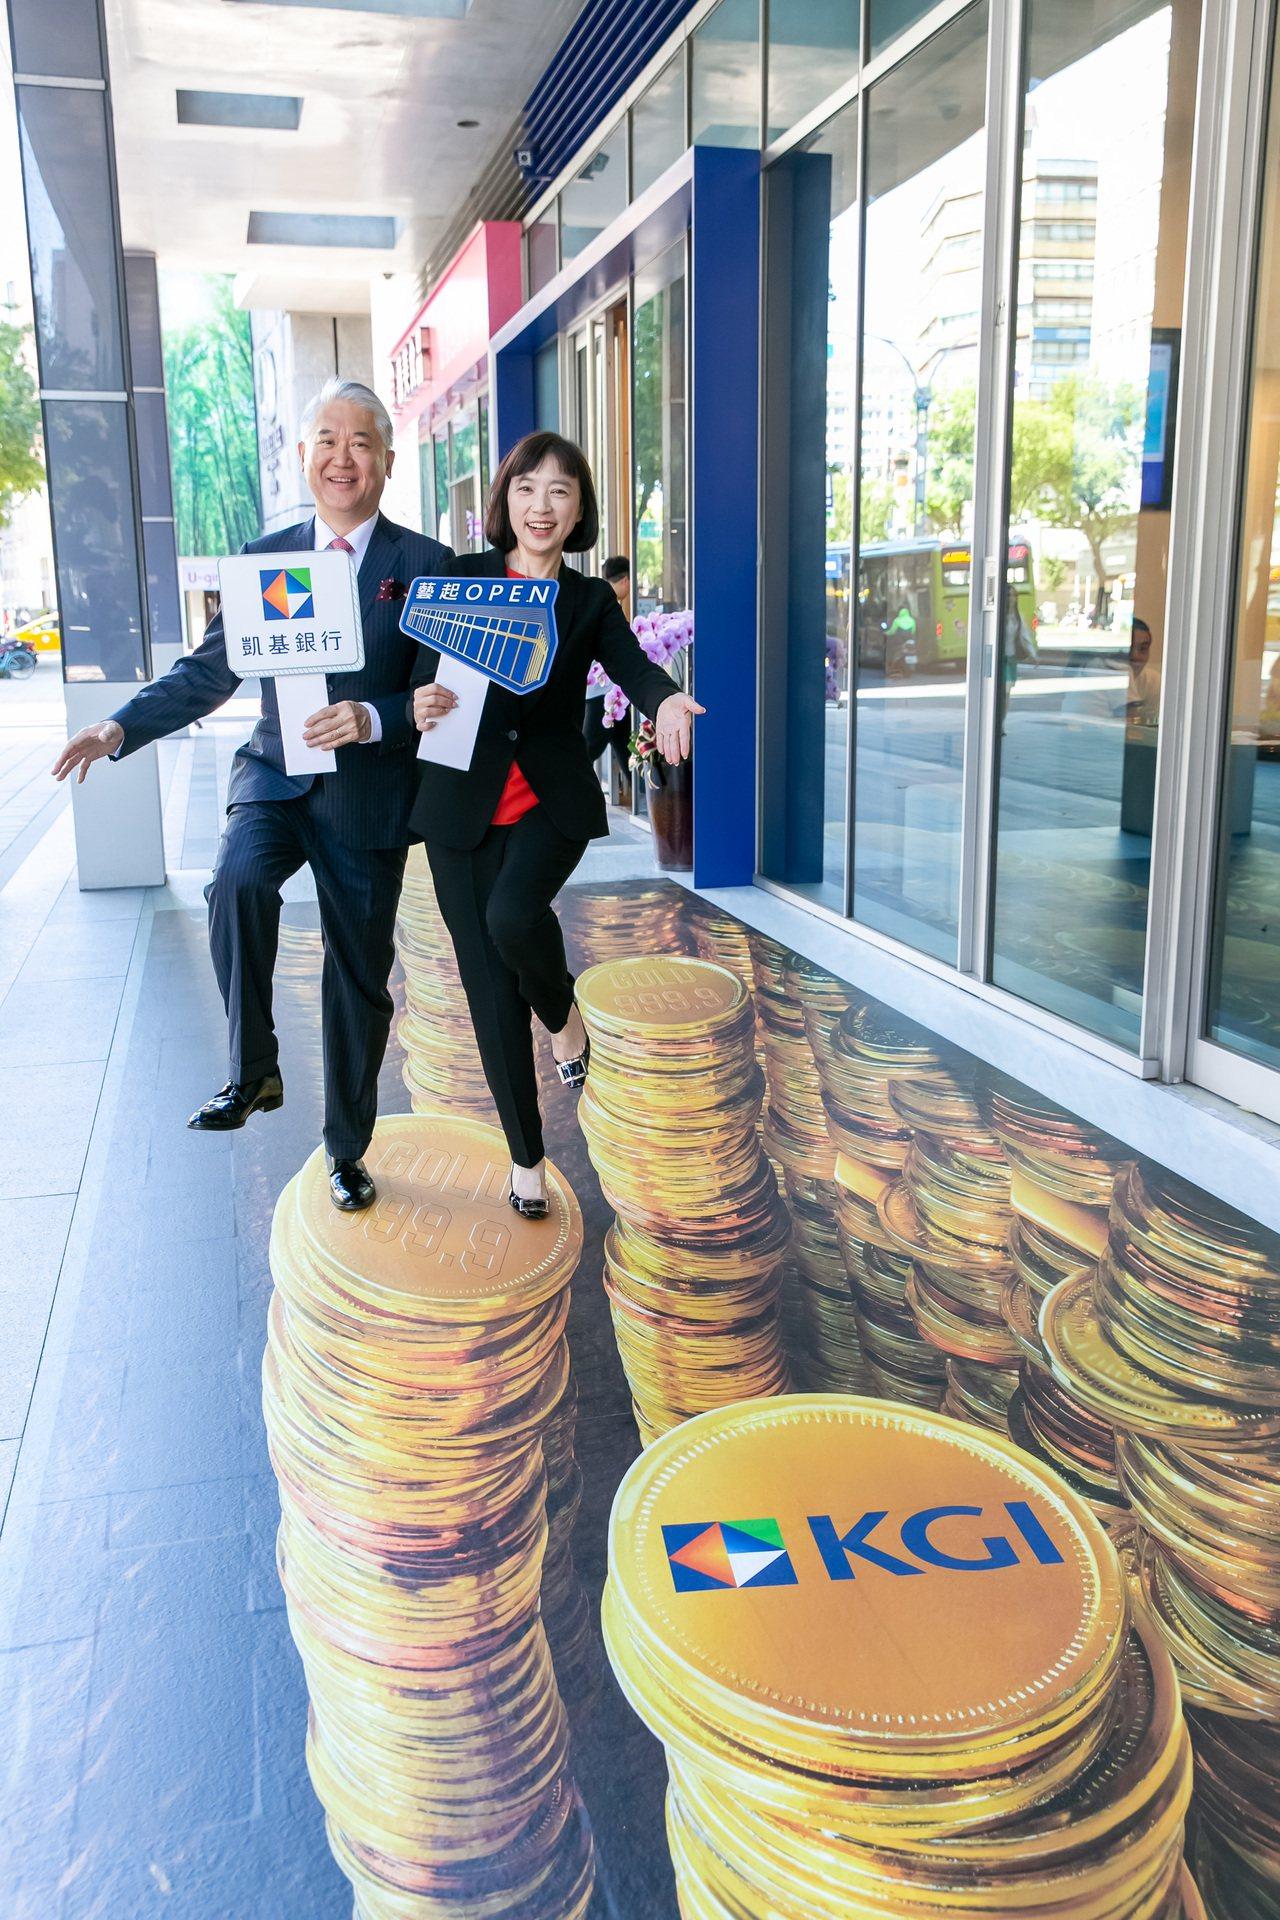 凱基銀行中山分行特別精挑細選該分行的財位,規劃3D彩繪發財互動區,希望也與民眾共...